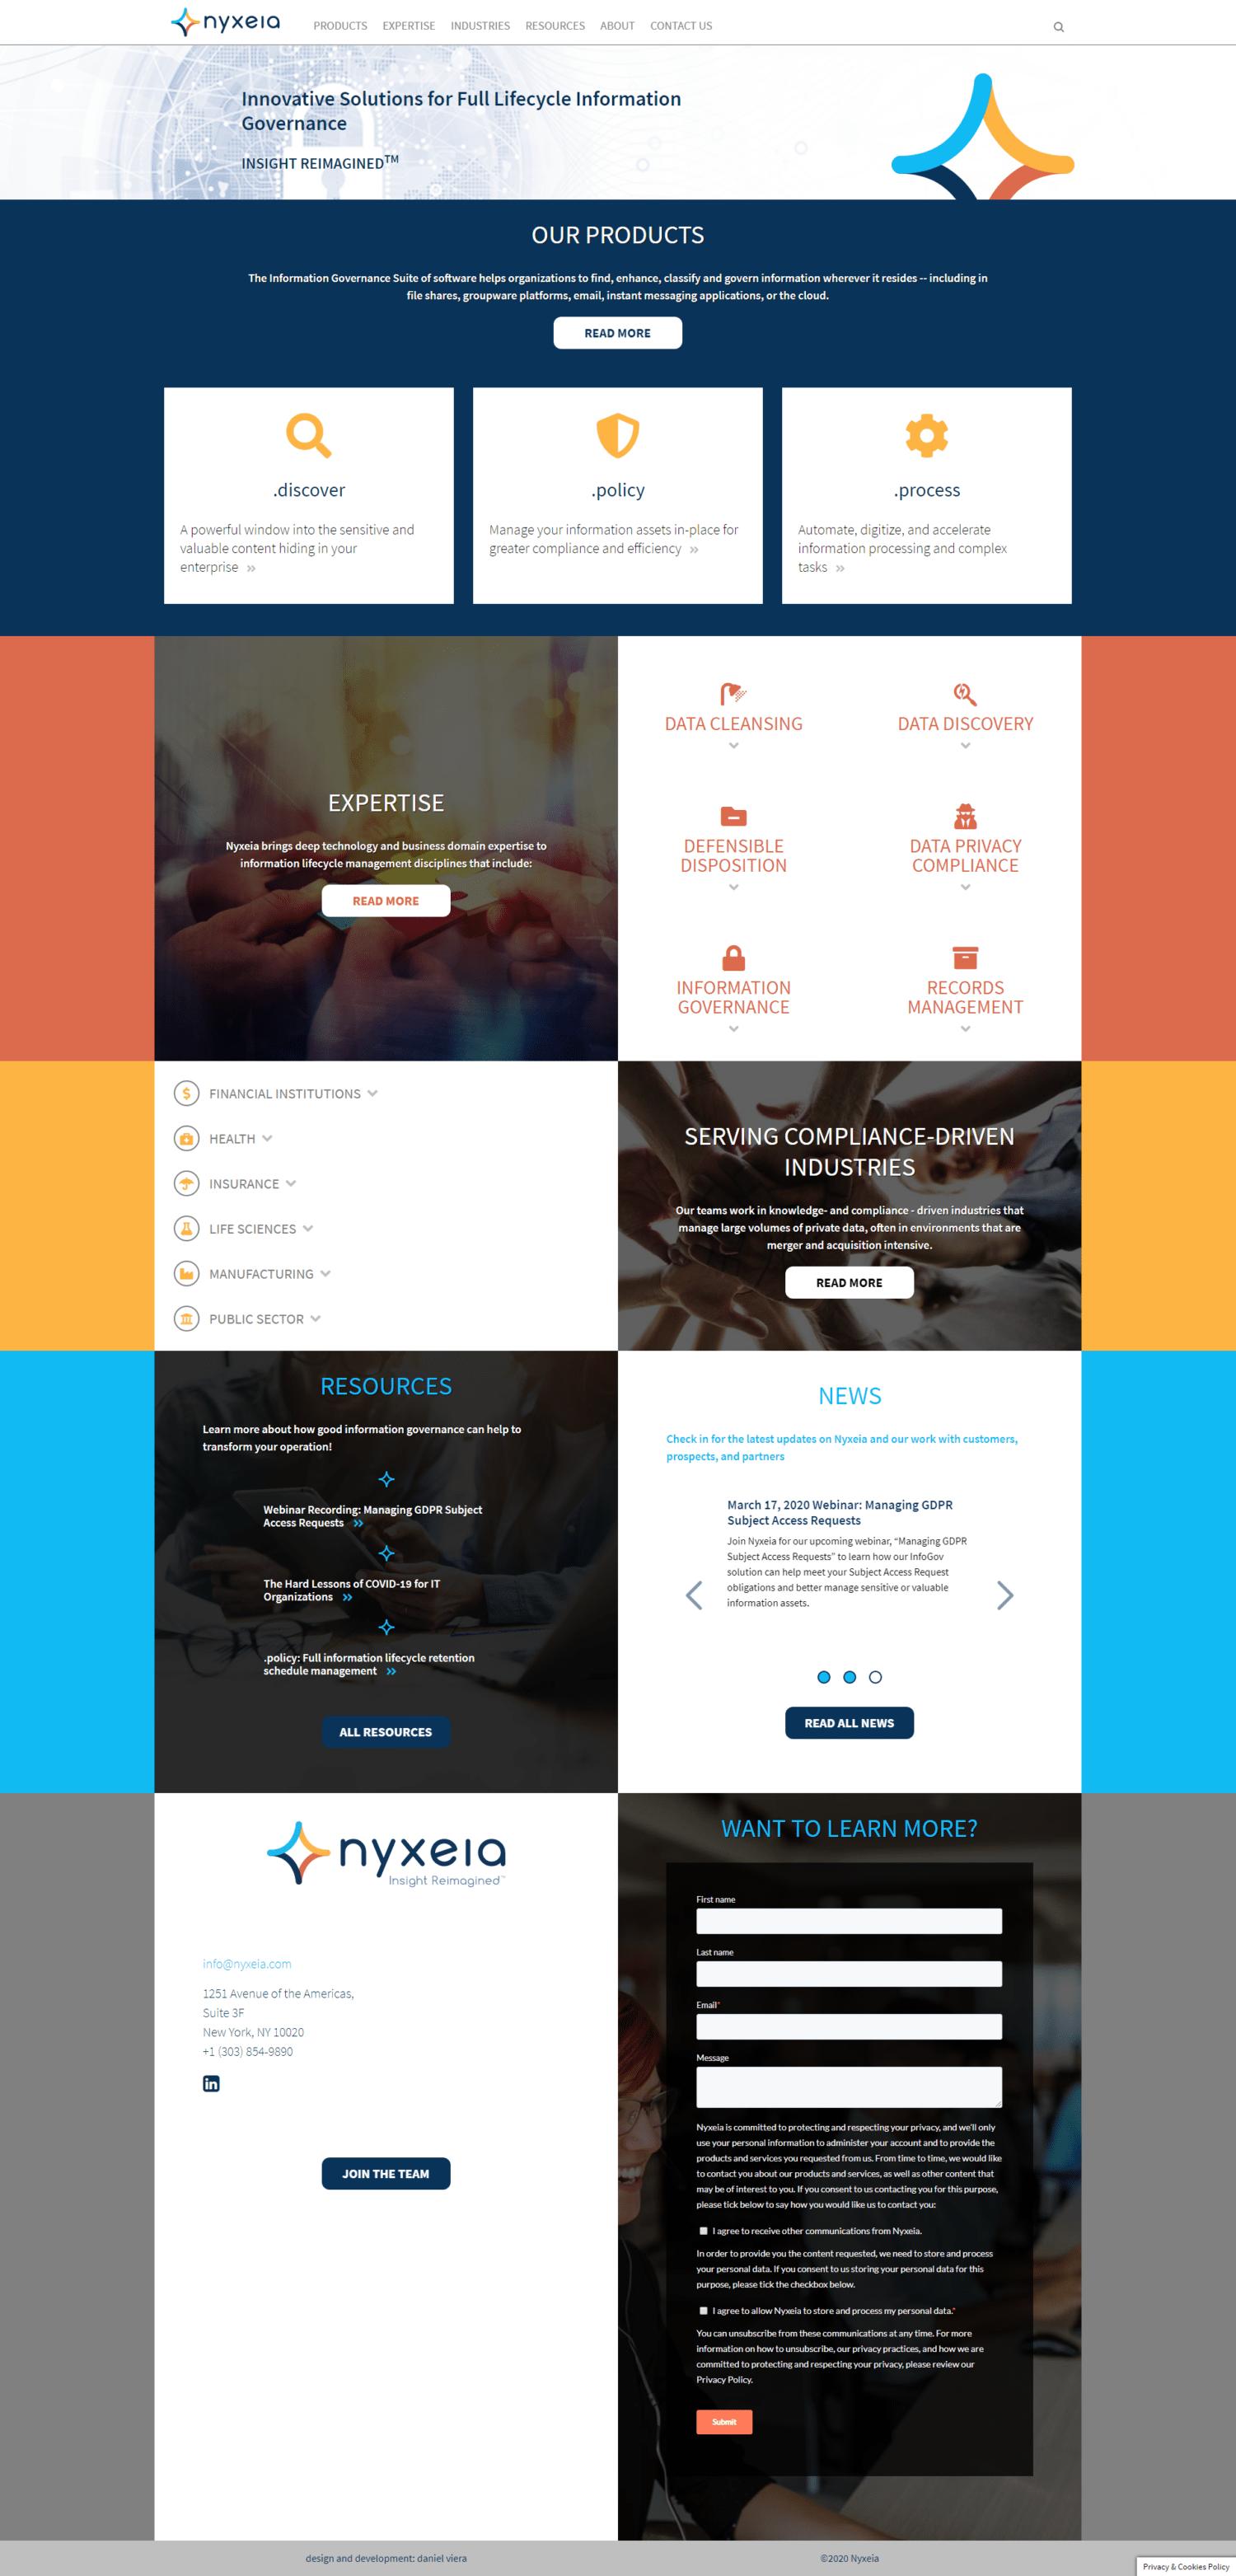 Nyxeia | Nuevo sitio web de una compañia que desarrolla software de manejo de información. Realizado en WordPress con bootstrap 4. Responsive